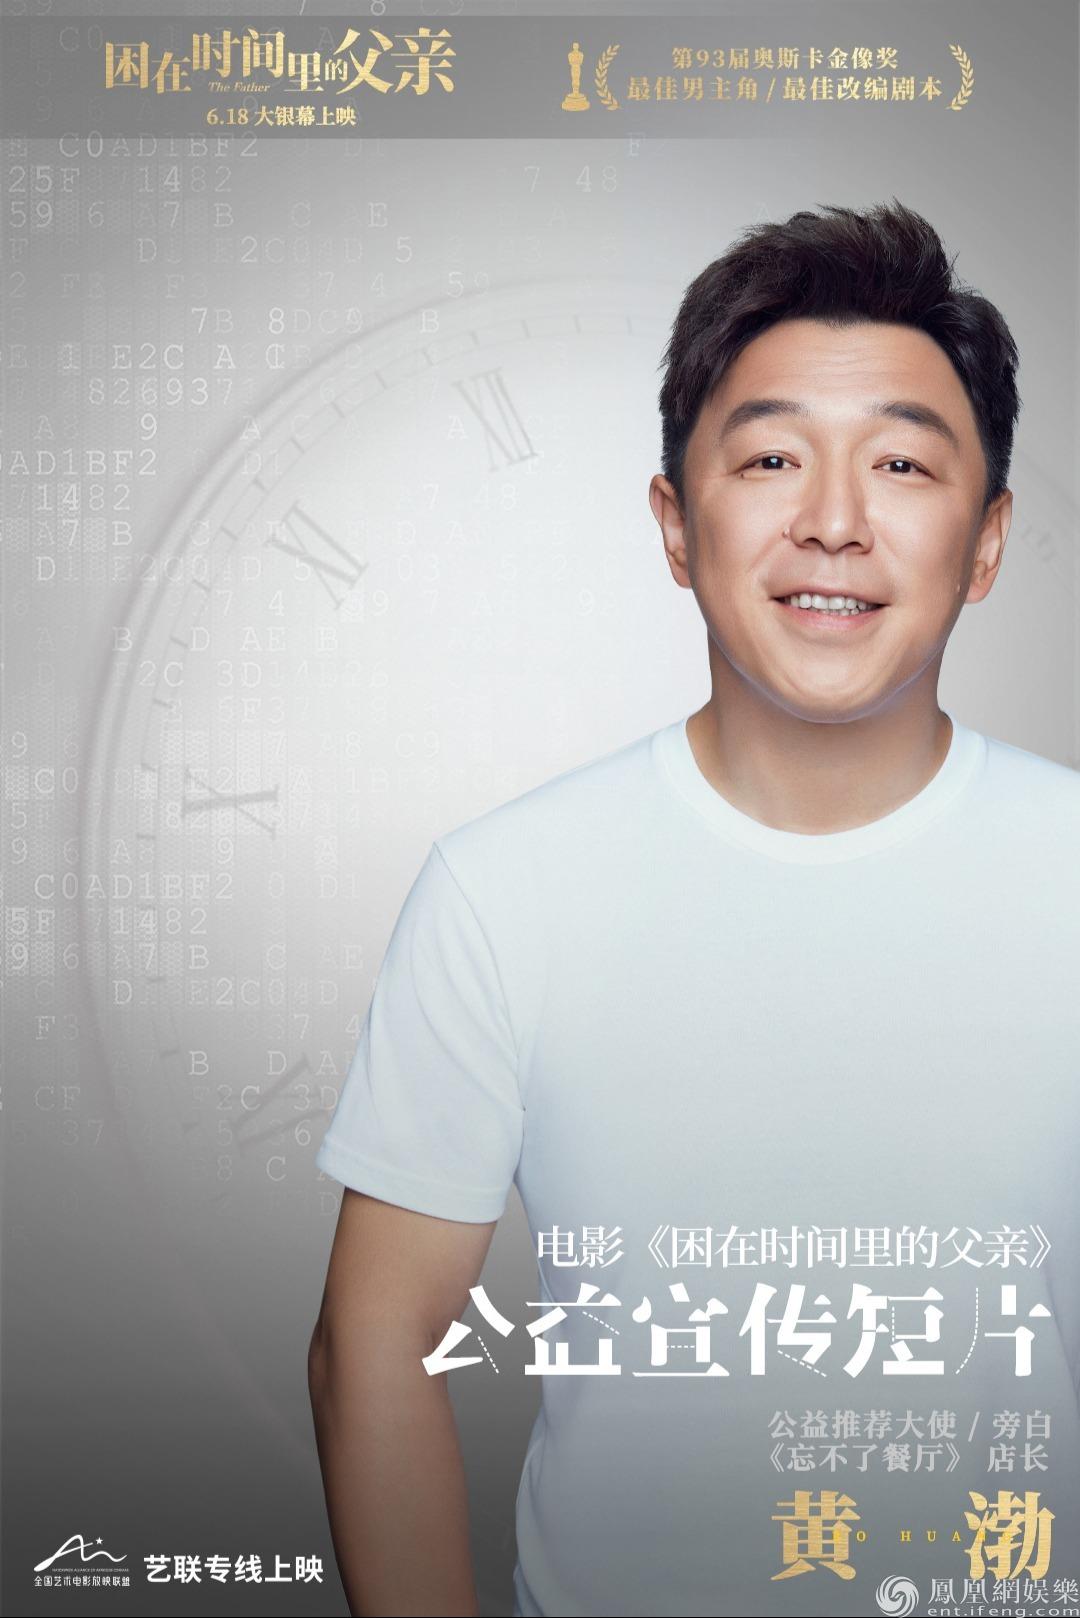 《困在时间里的父亲》公益推荐大使黄渤